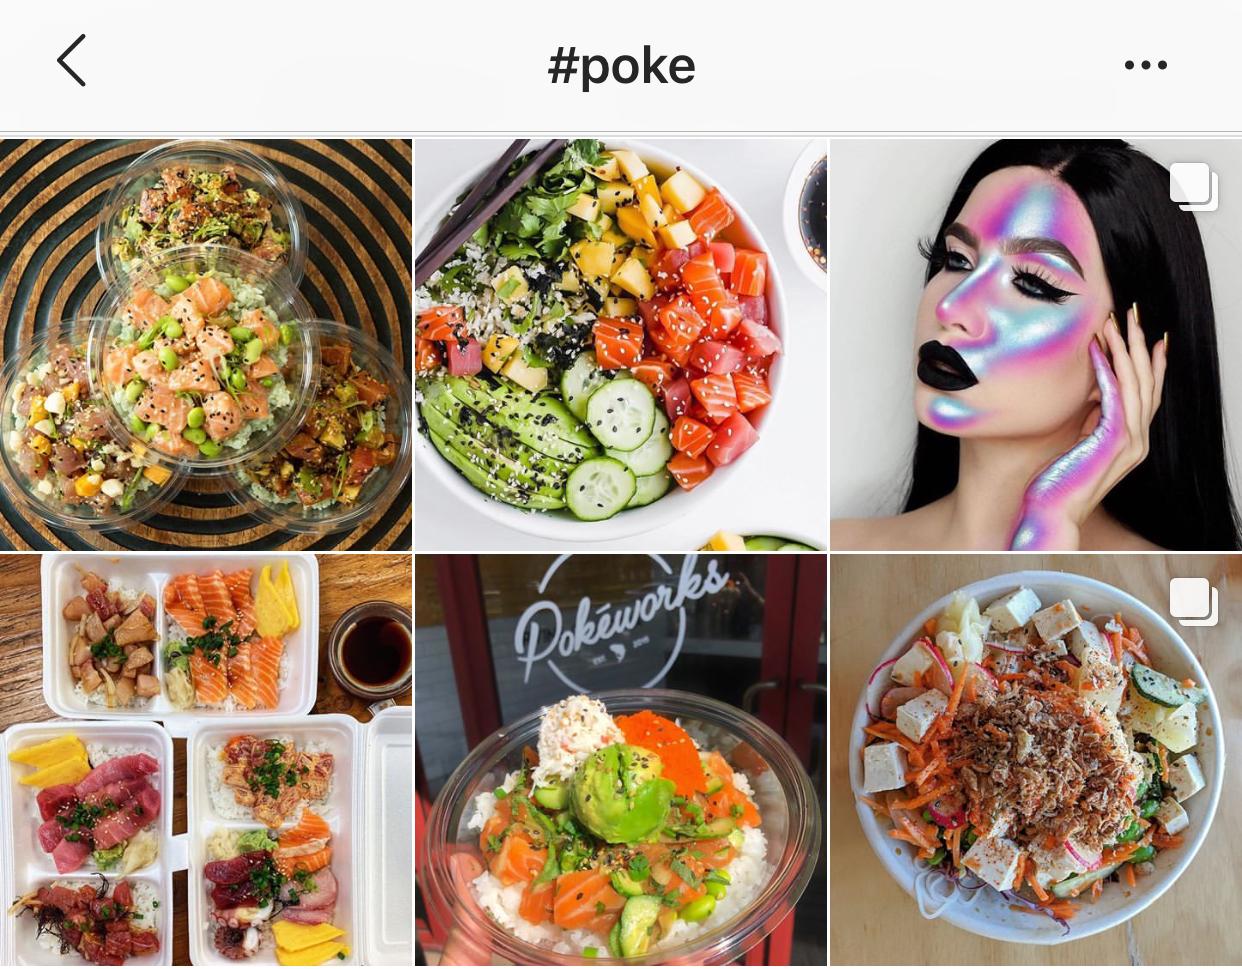 今年最流行的�yaY�_2018年西班牙人在Instagram上分享最多的美食是什么?_沪江西语学网